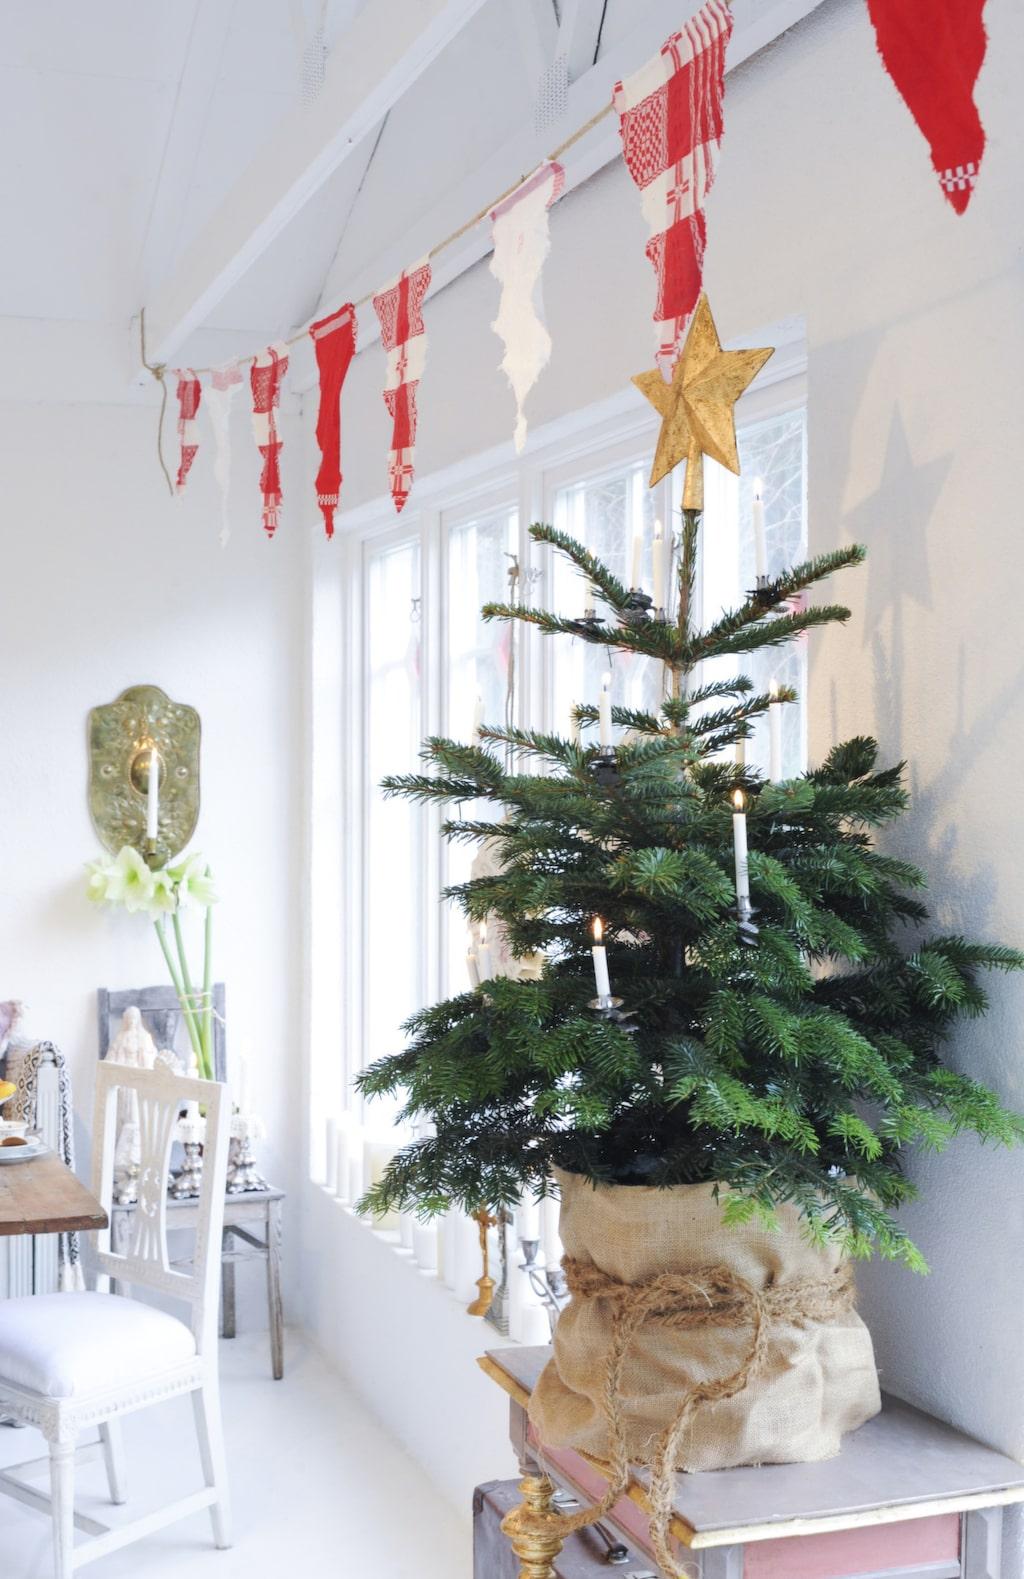 Ovanför den lilla granen har Håkan hängt sitt flaggspel gjort av gamla kökshanddukar. Han har klippt vimplar av handdukarna som limmats fast på ett juterep och hängts upp i orangeriet.